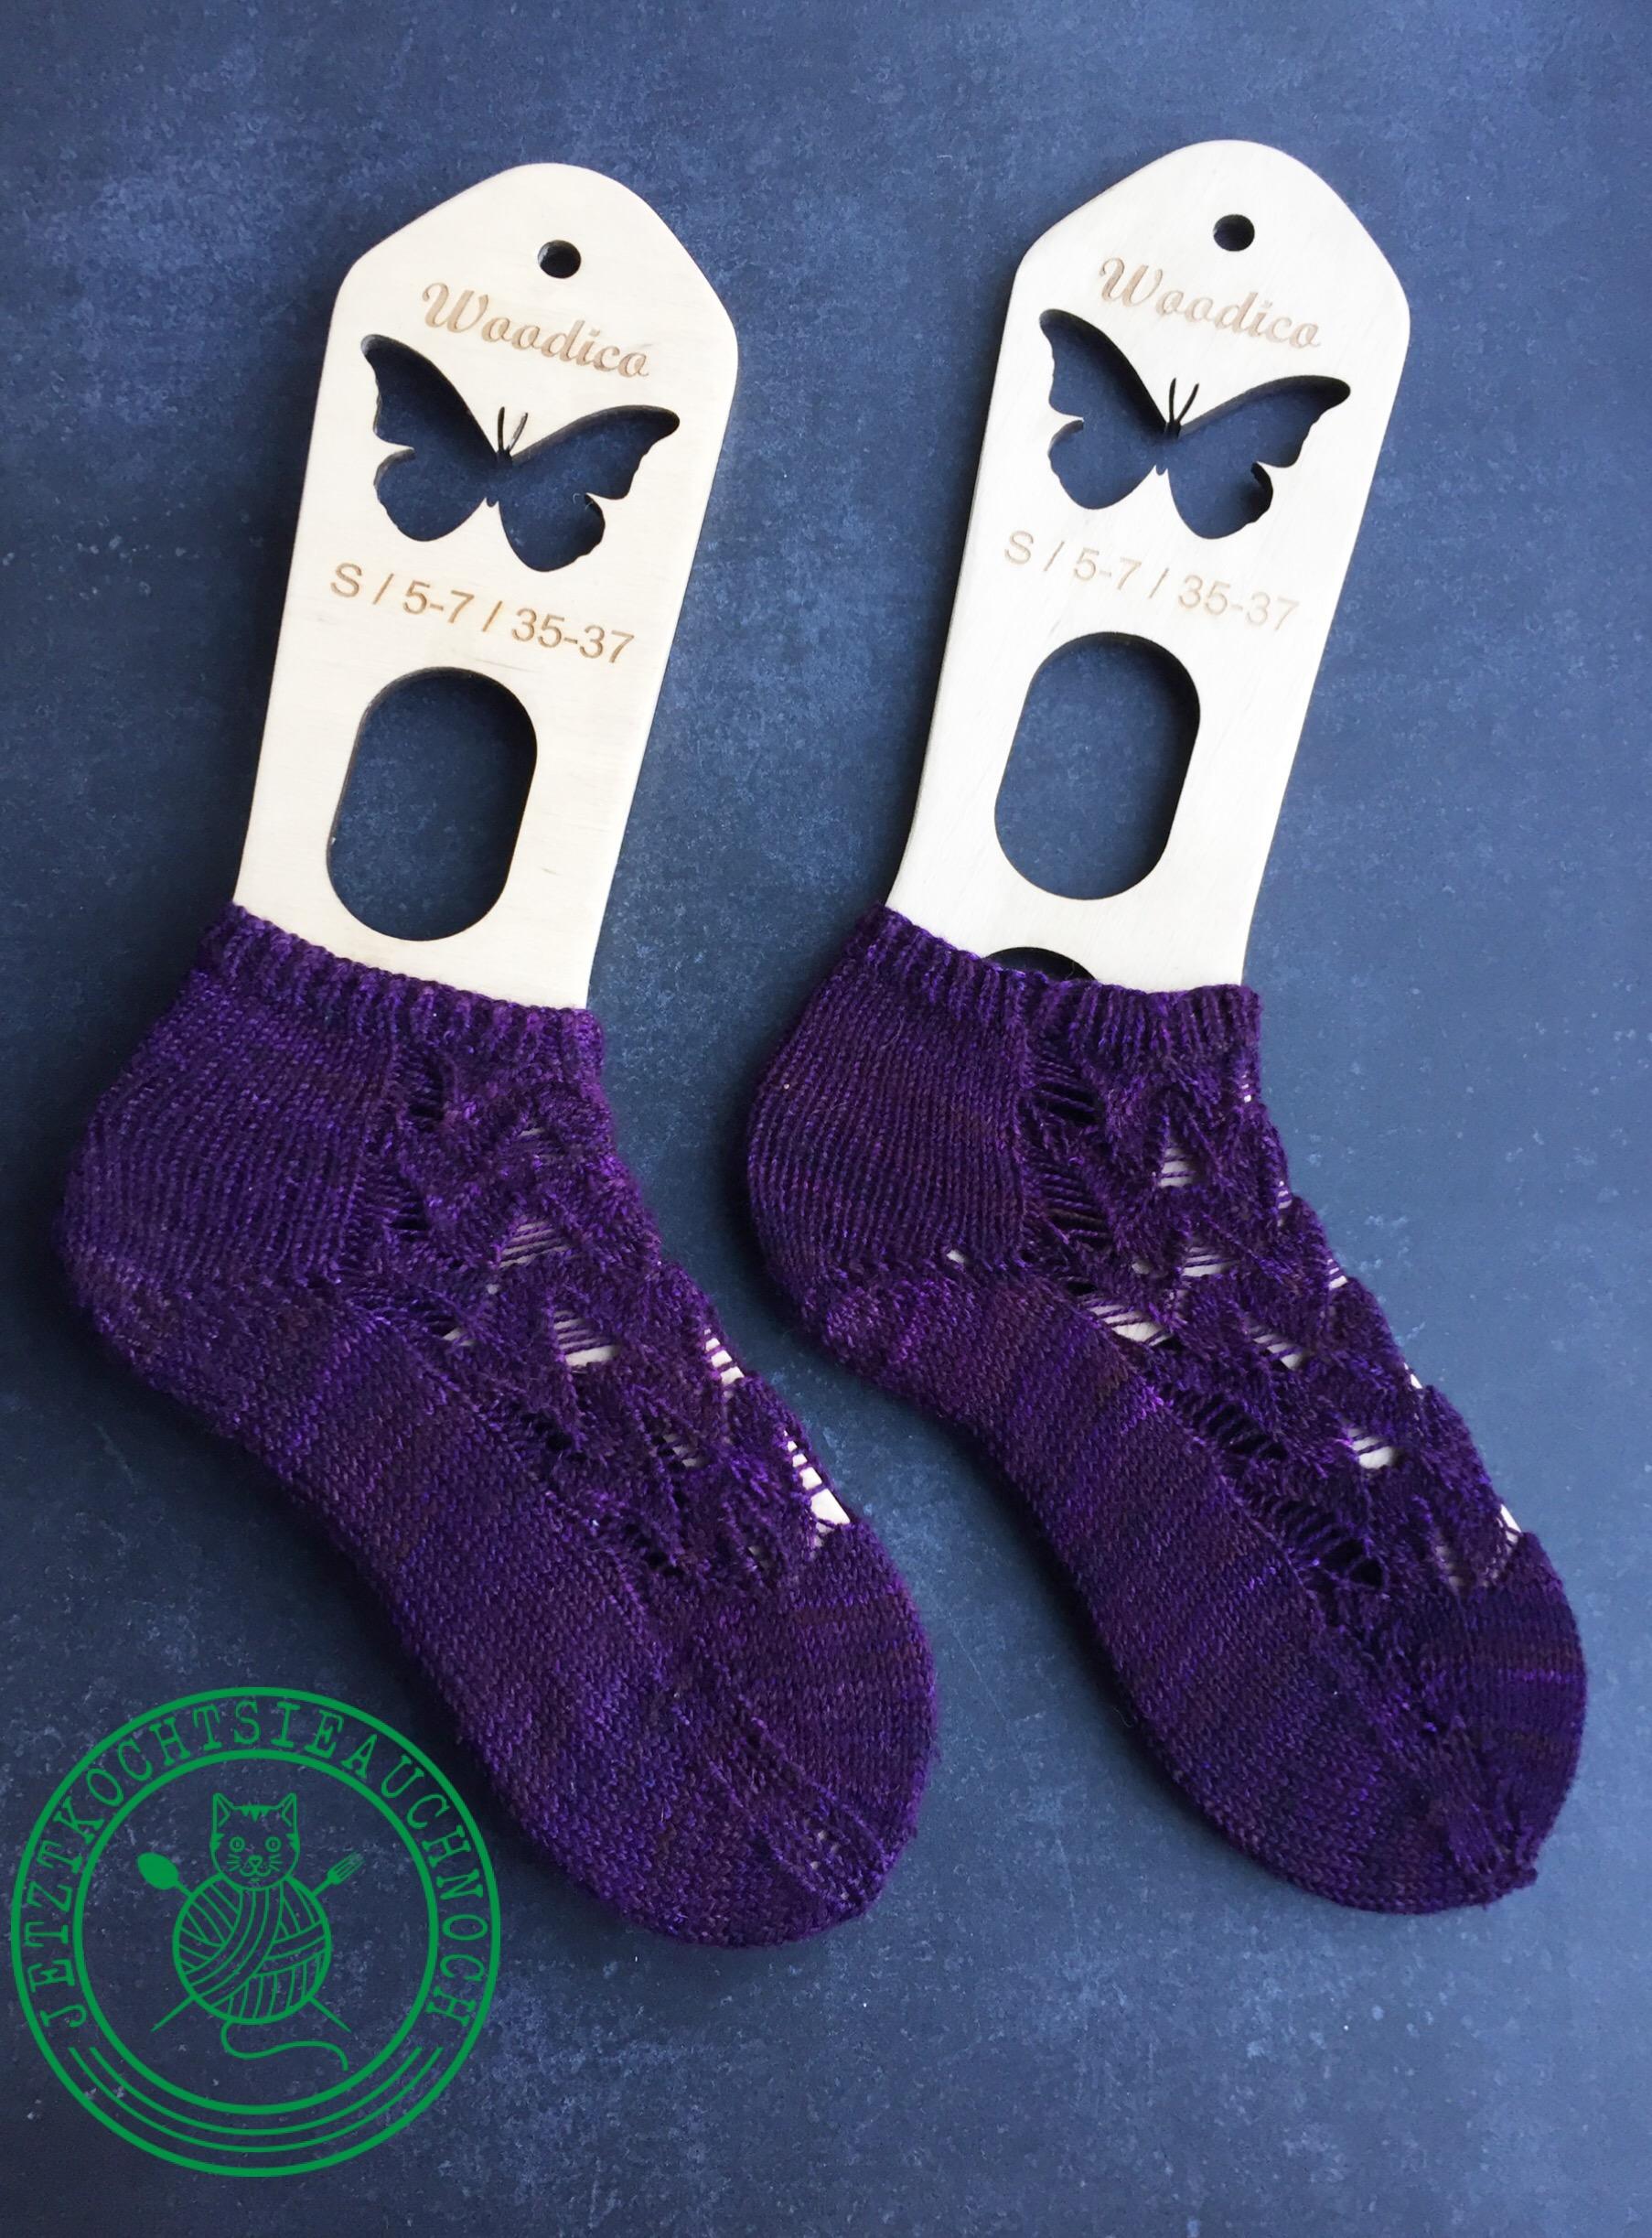 Socken stricken | jetztkochtsieauchnoch